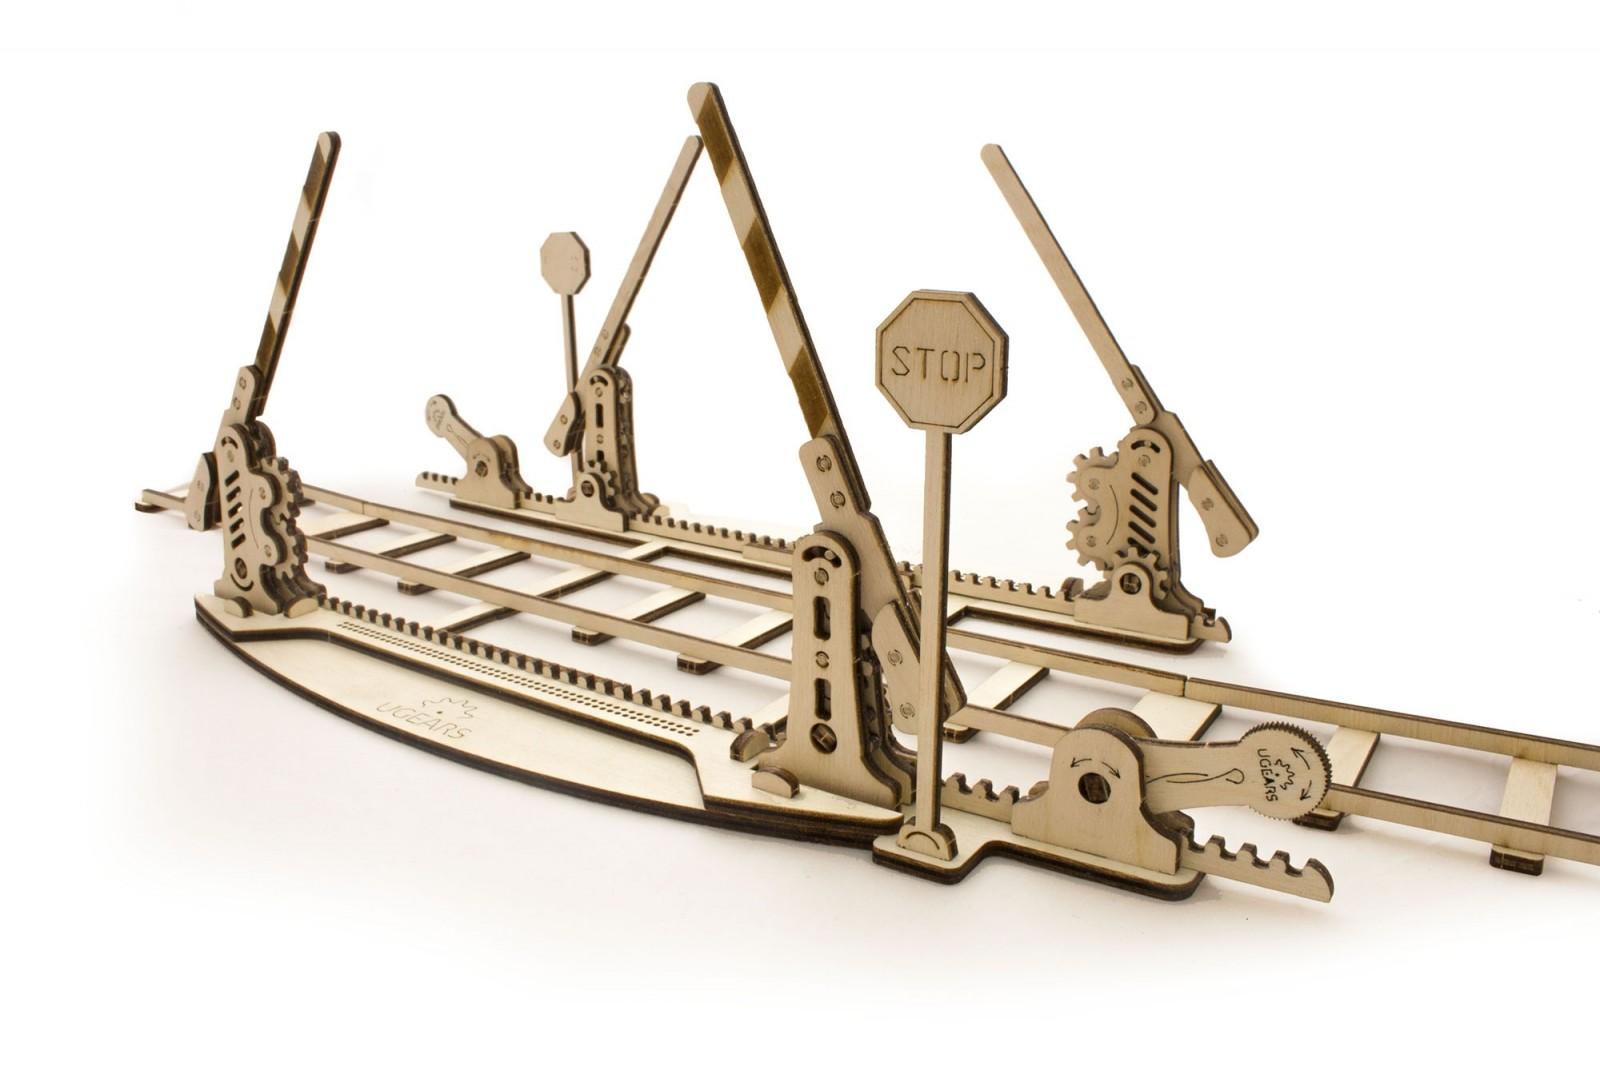 Конструктор 3D-пазл Ugears Переезд (с рельсами) в Ярославле